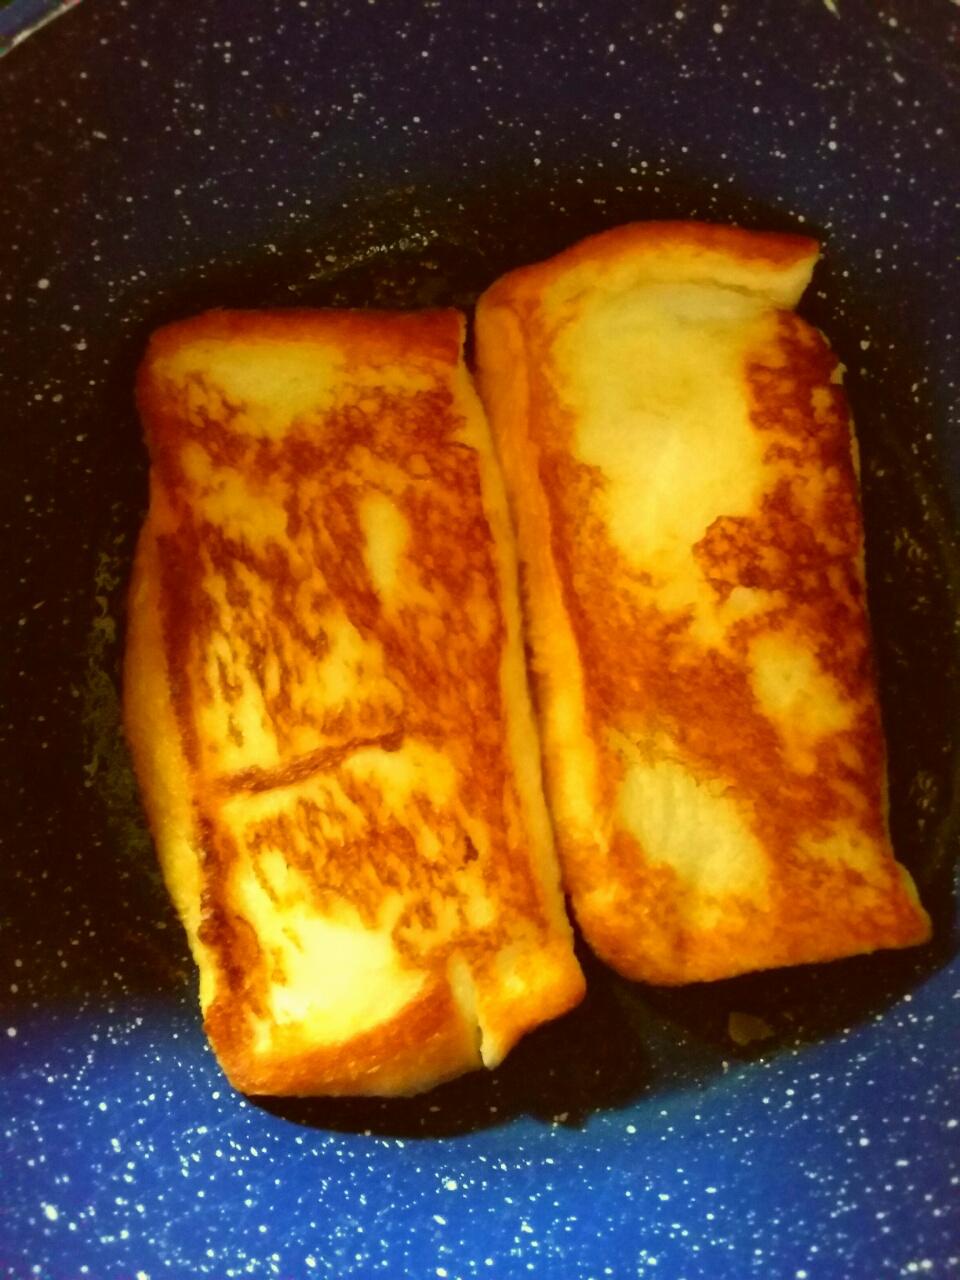 【画像】俺のフレンチトーストめちゃくちゃ美味そうでワロタwww